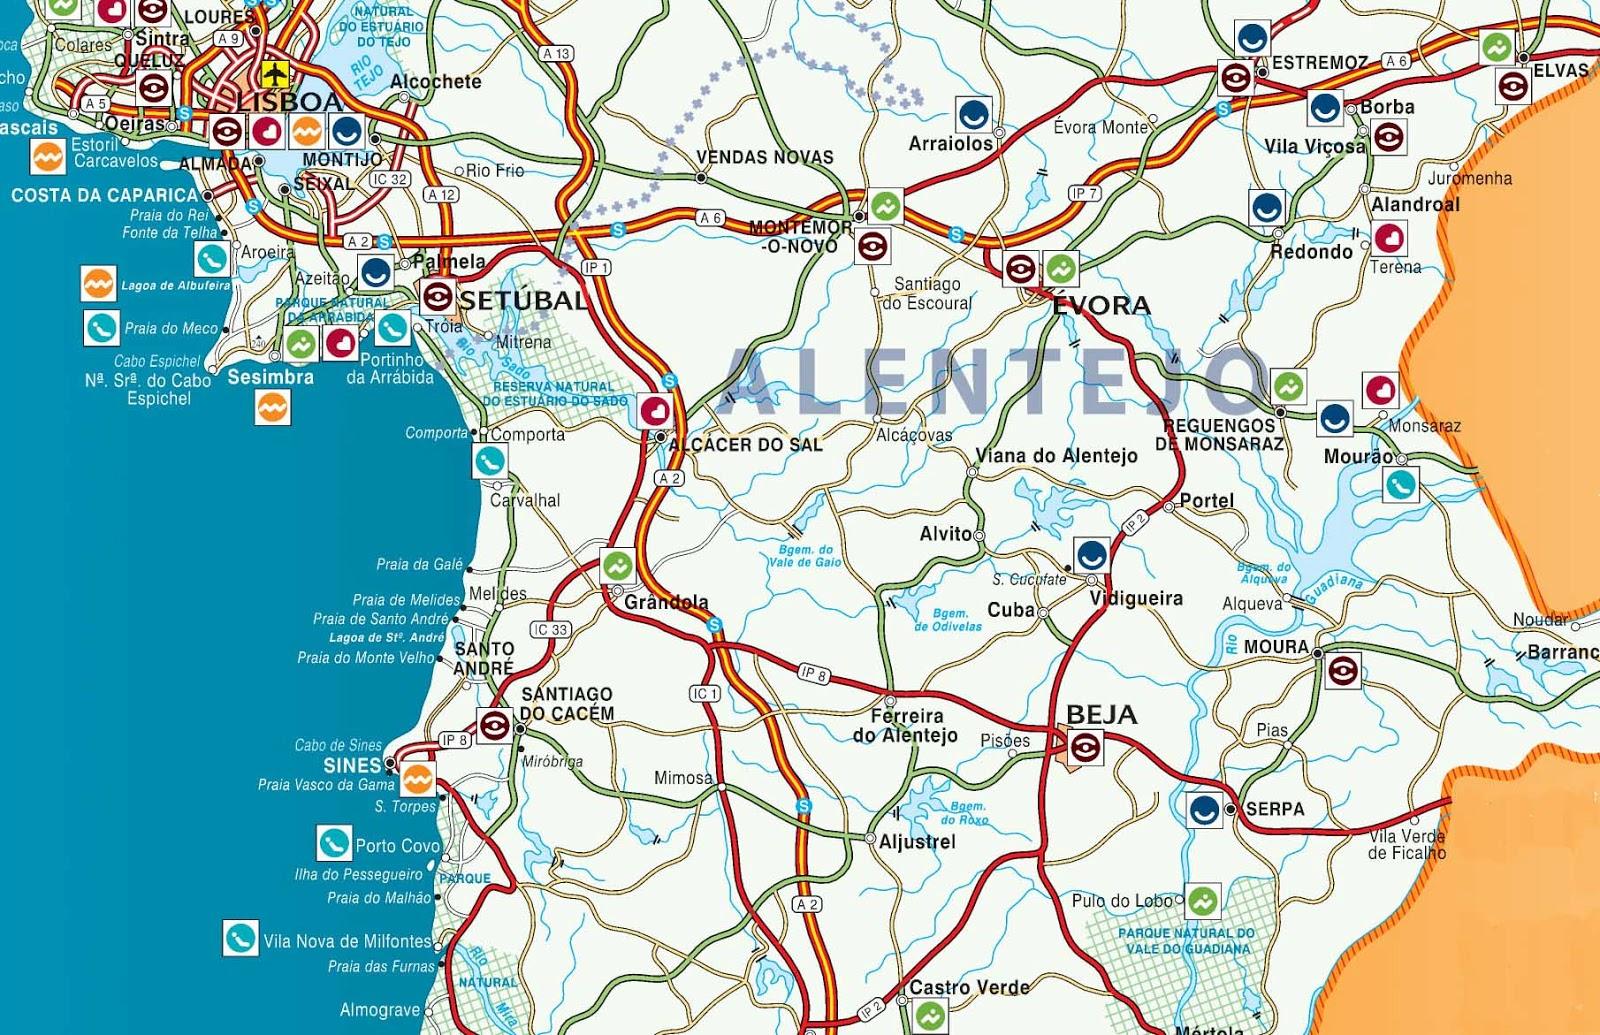 mapa das estradas do alentejo Mapas de Beja   Portugal | MapasBlog mapa das estradas do alentejo